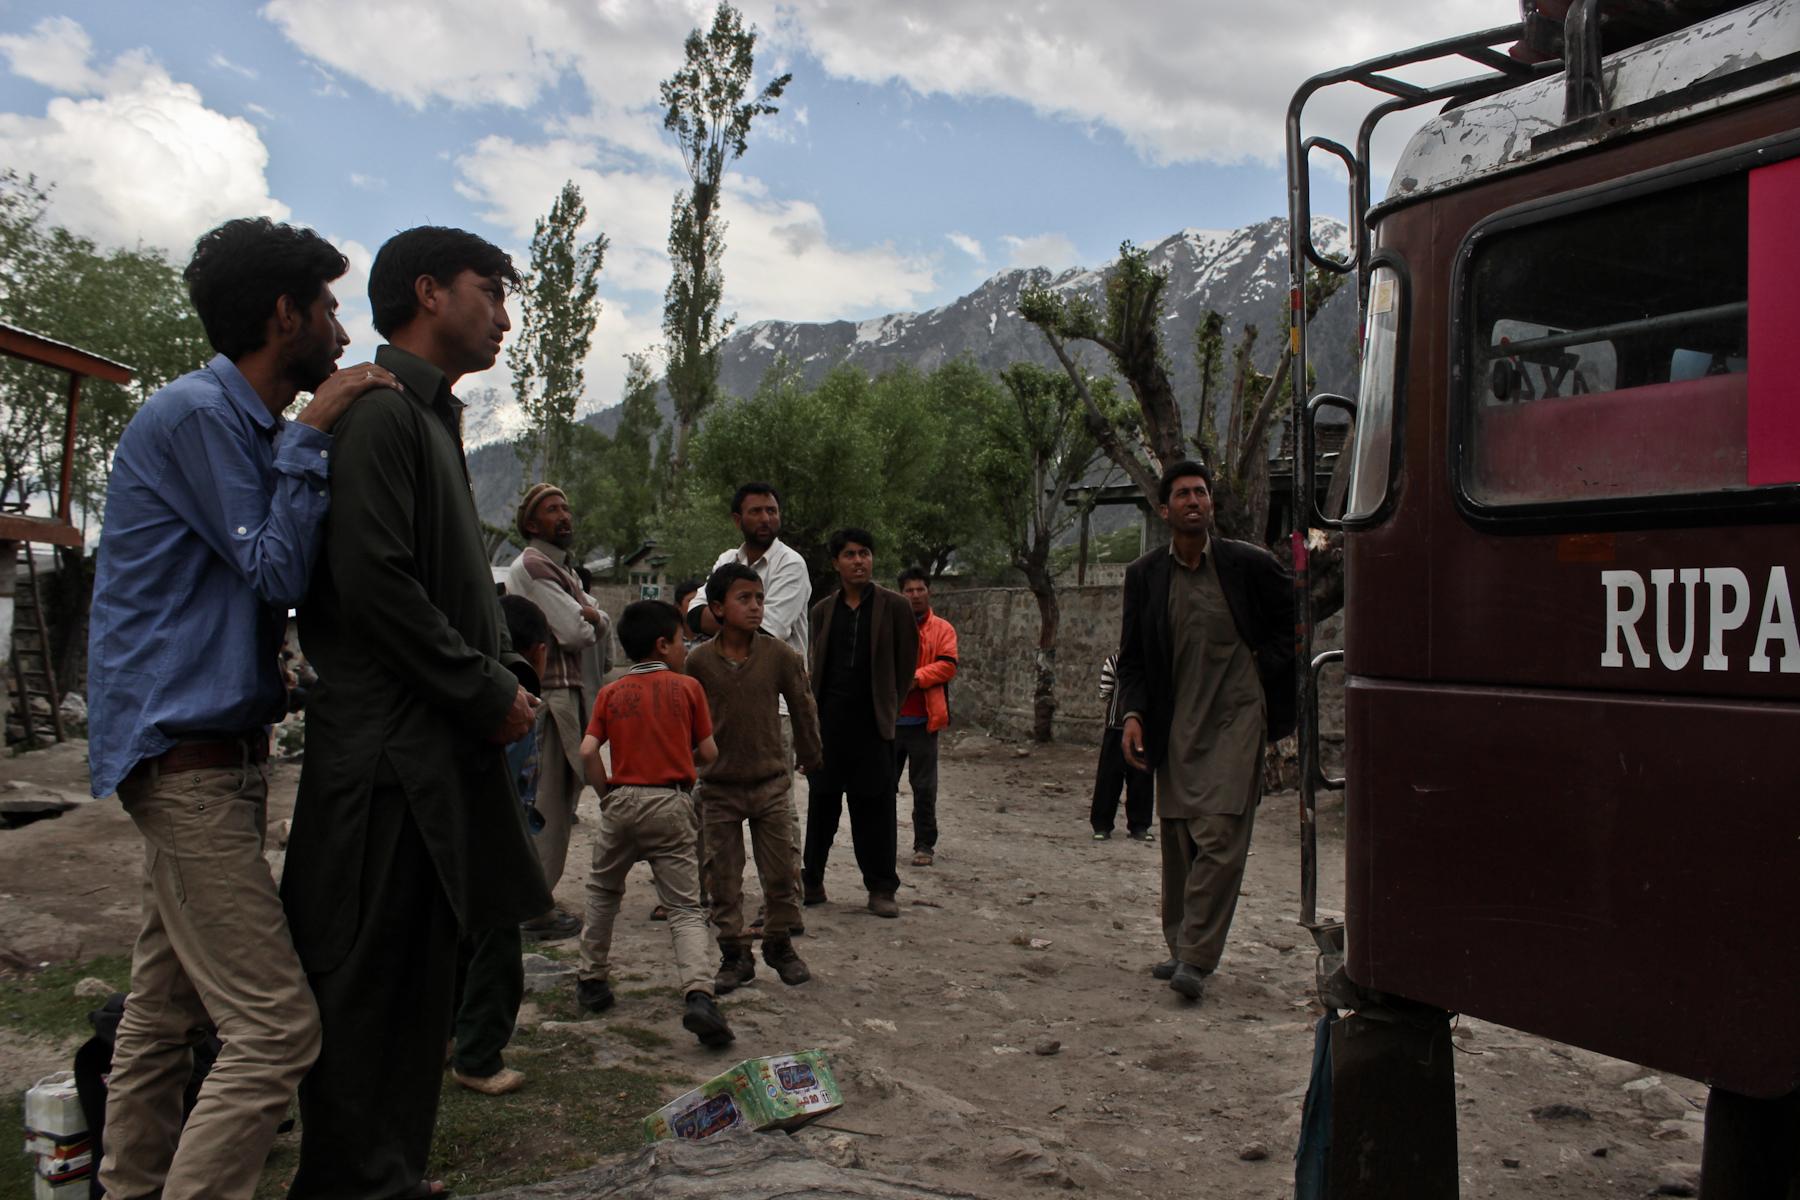 Wspomniana wioska która ucierpiała na ataku talibów.